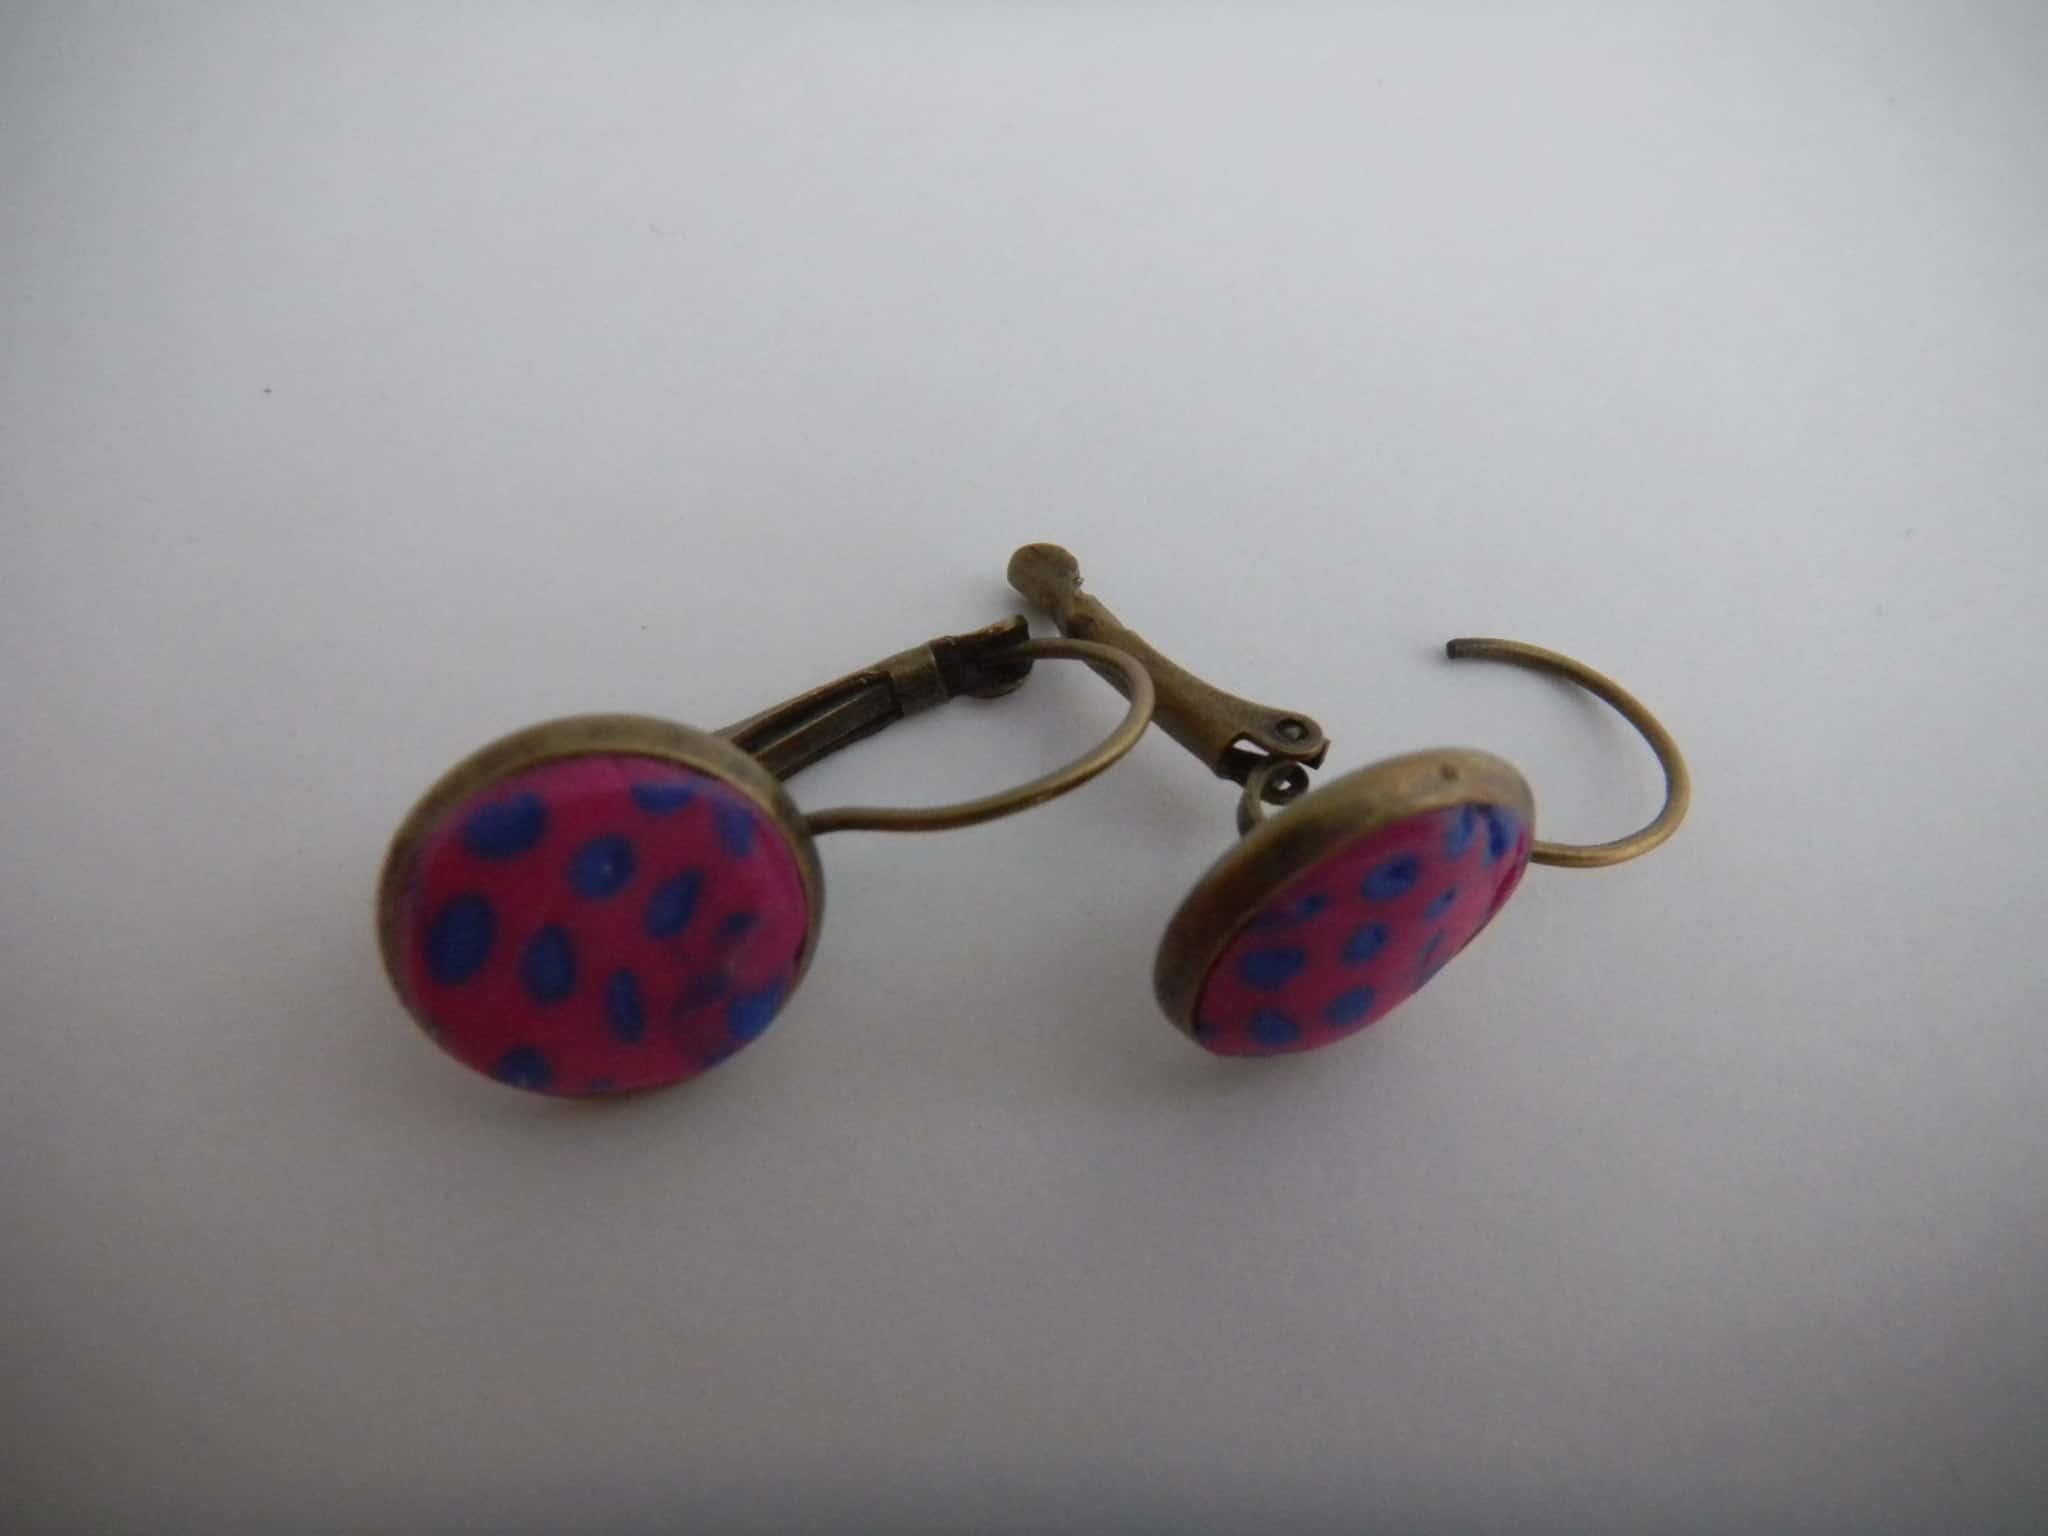 Louise.h bijoux boucle d'oreille en polymère rose et bleue